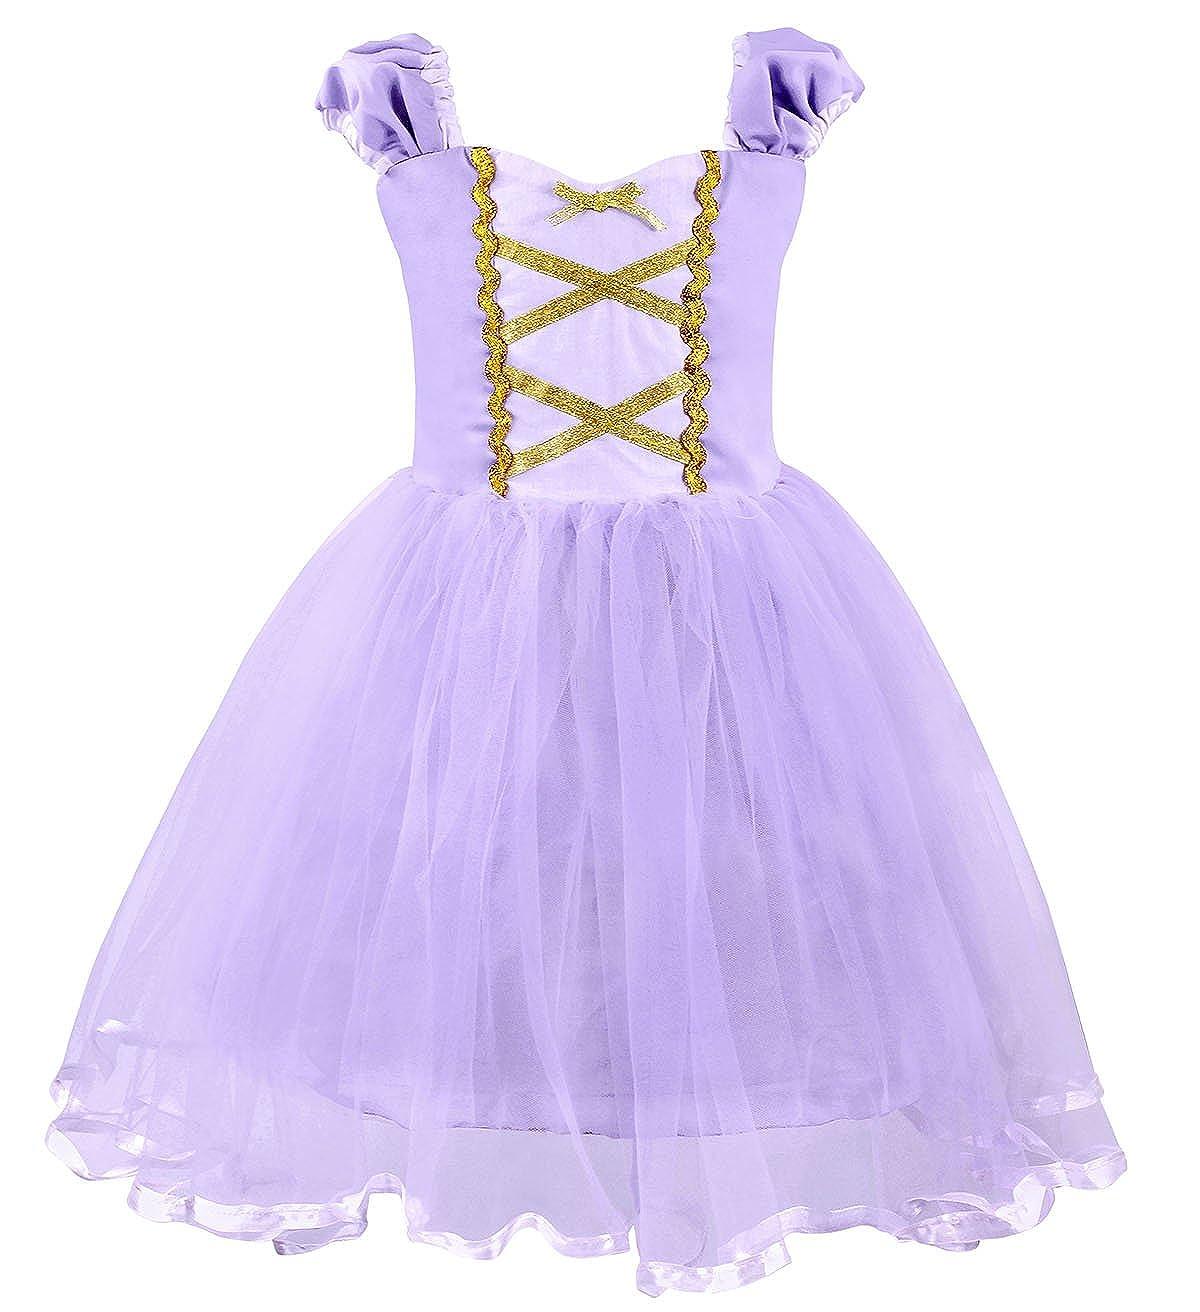 3ac6d290cfe0 AmzBarley Ragazze principessa Rapunzel Vestire Costume Cosplay abiti da  festa per bambini piccoli